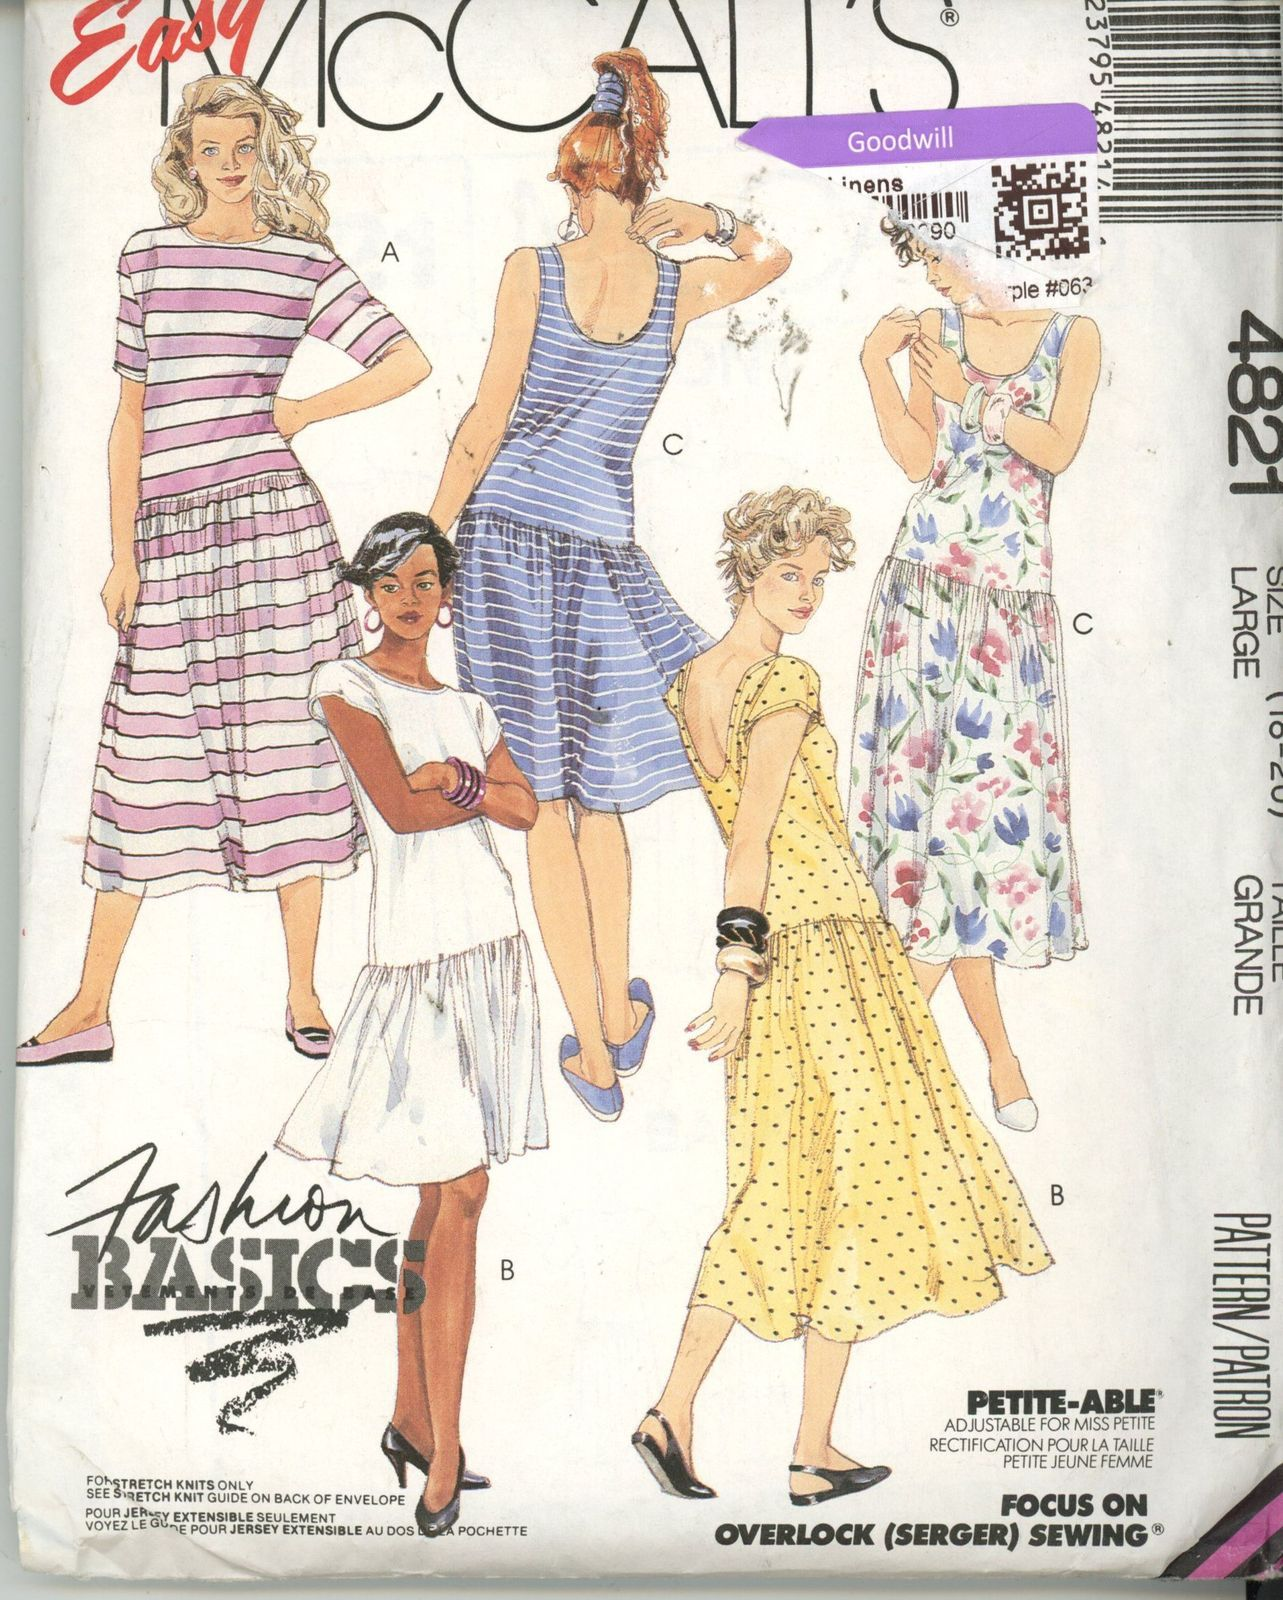 Mccalls 4821 Sewing Pattern Drop Waist Summer Dress Sz 18 20 Uncut Drop Waist Dress Pattern Mccalls Patterns Dress Dropwaist Dress [ 1600 x 1283 Pixel ]